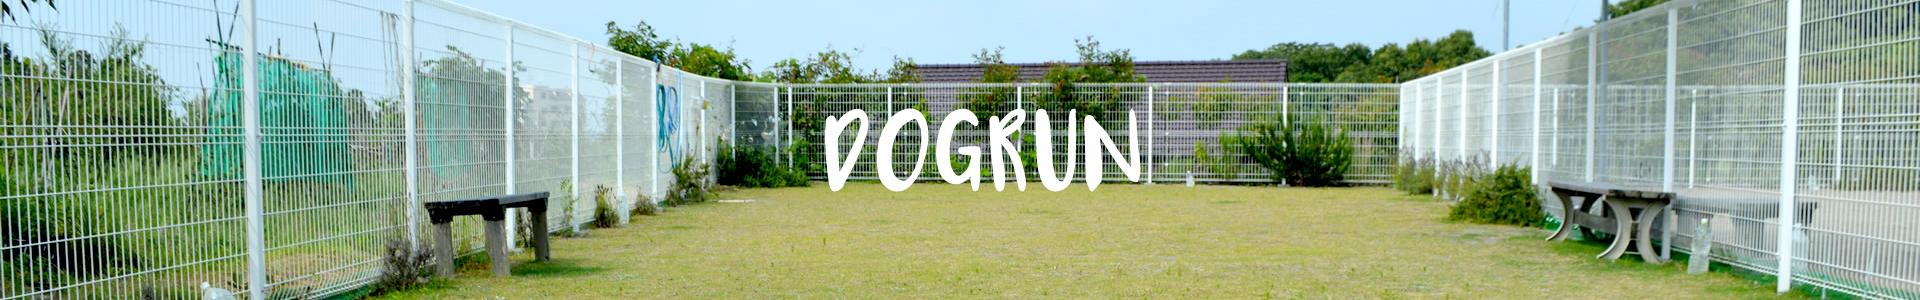 DOGRUN